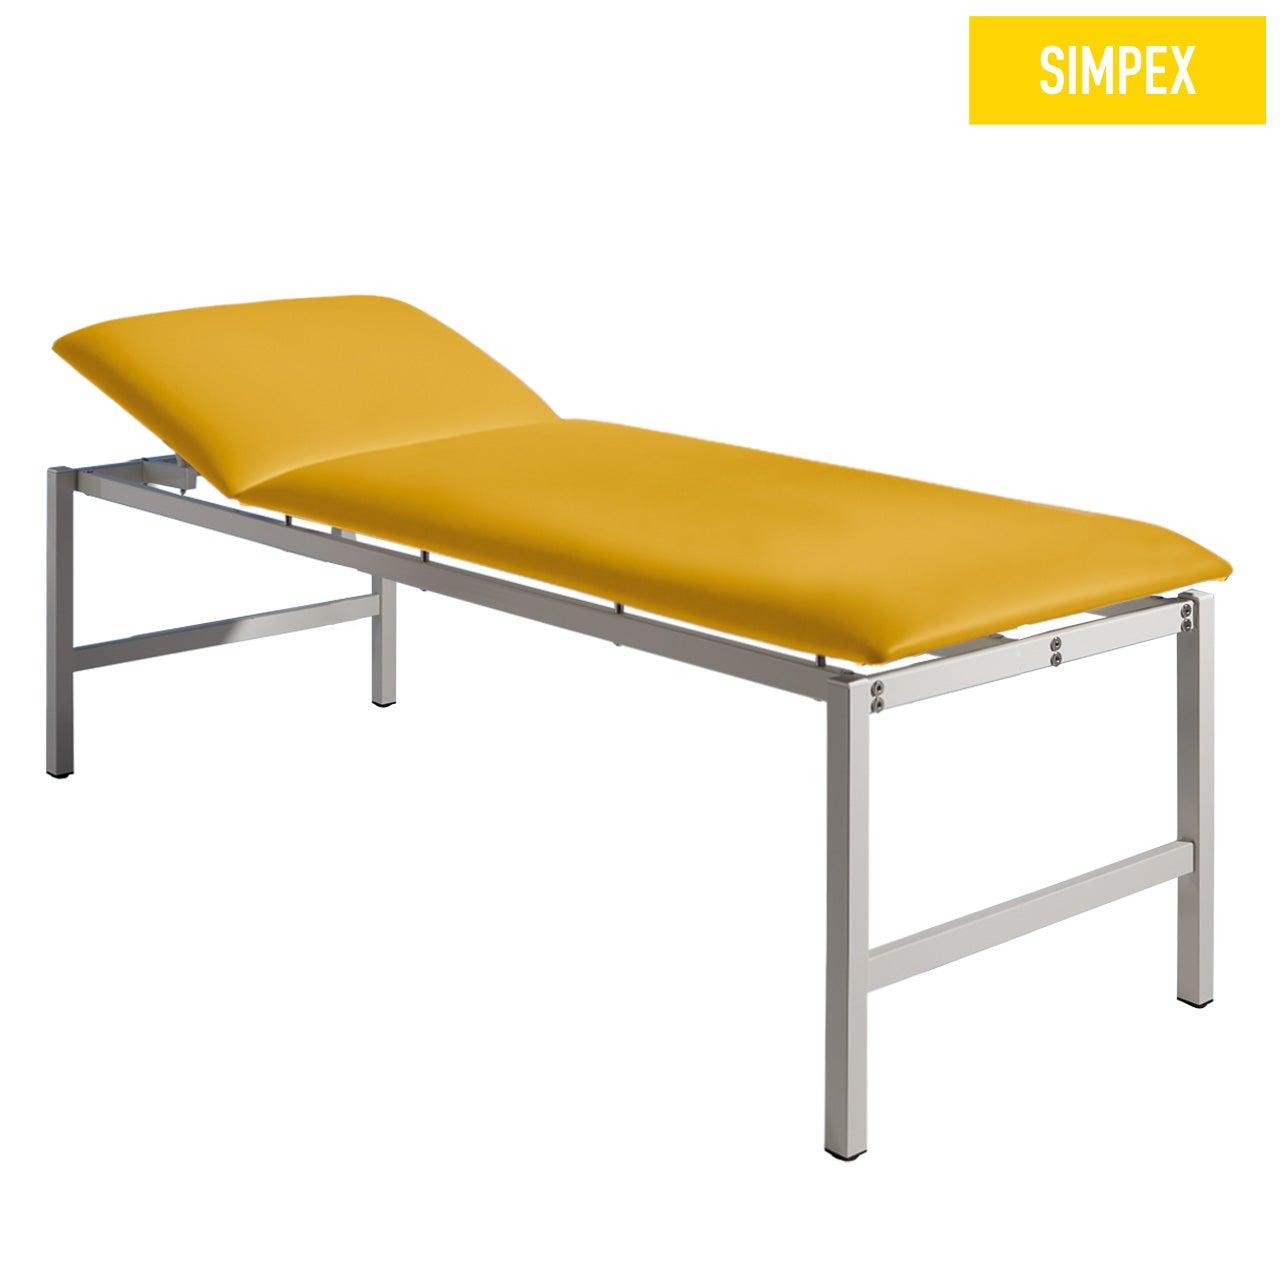 EKG-Schwerlastliege HERKULES 80 Classic XL mit Kunstleder in gelb (mais) und einem Gestell aus Stahl grauweiß gepulvert von SIMPEX